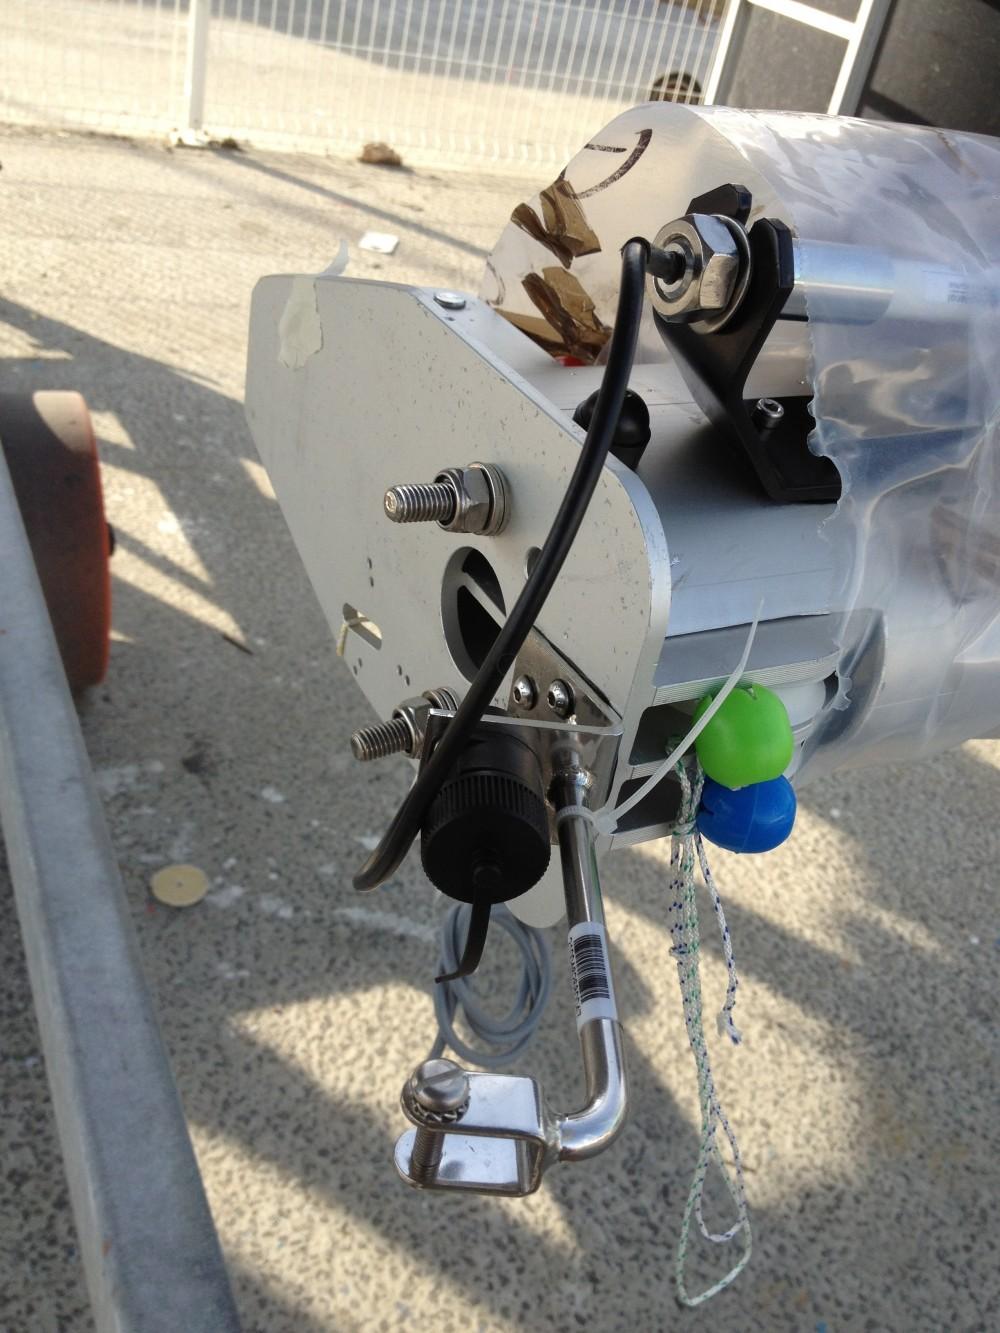 Cablage du nouveau mat: aérien, VHF, girouette.